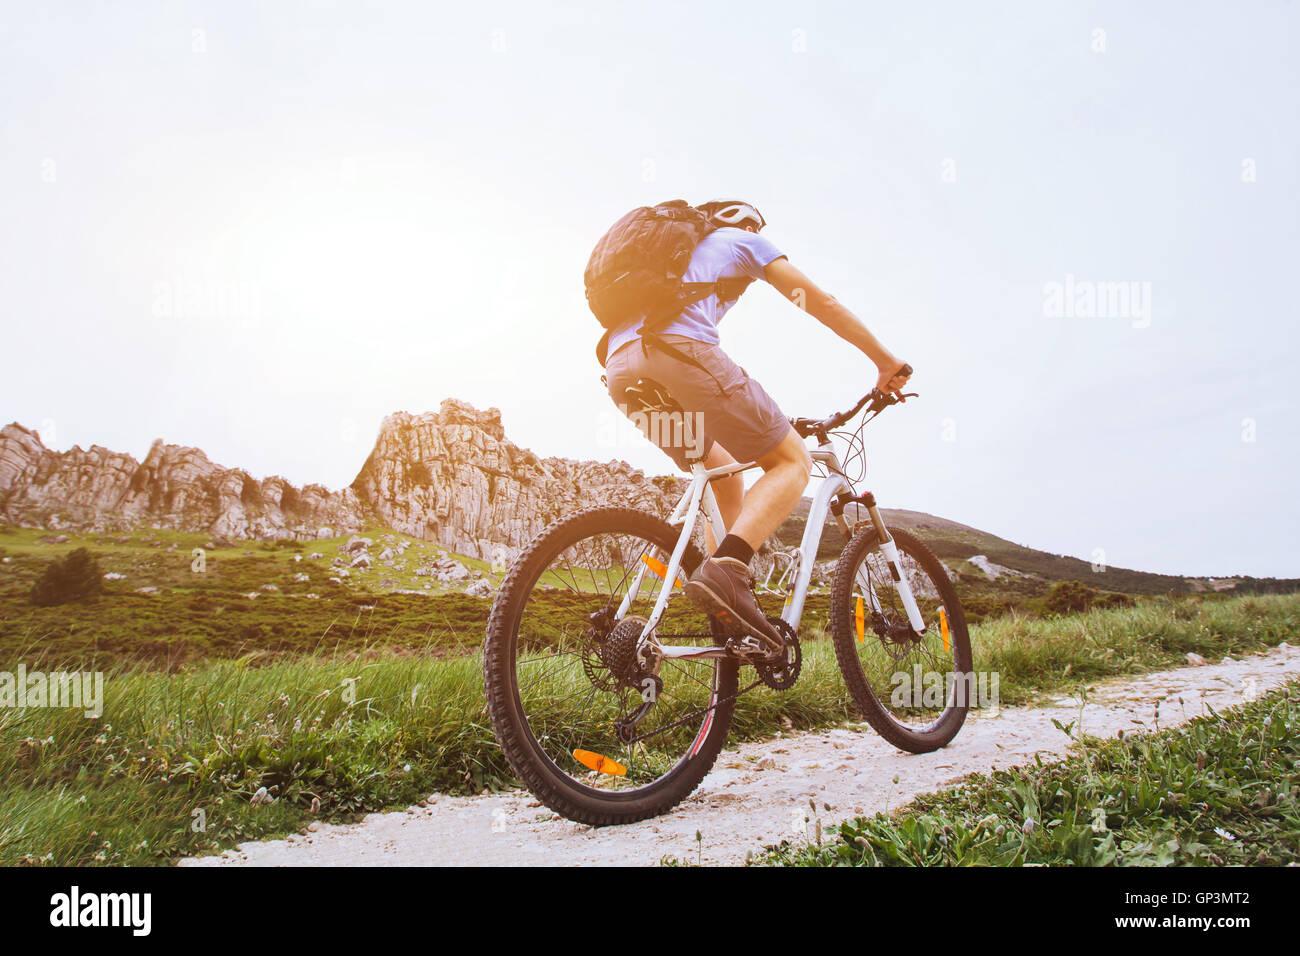 Bicicleta de montaña, ciclismo, deportes extremos externos Imagen De Stock